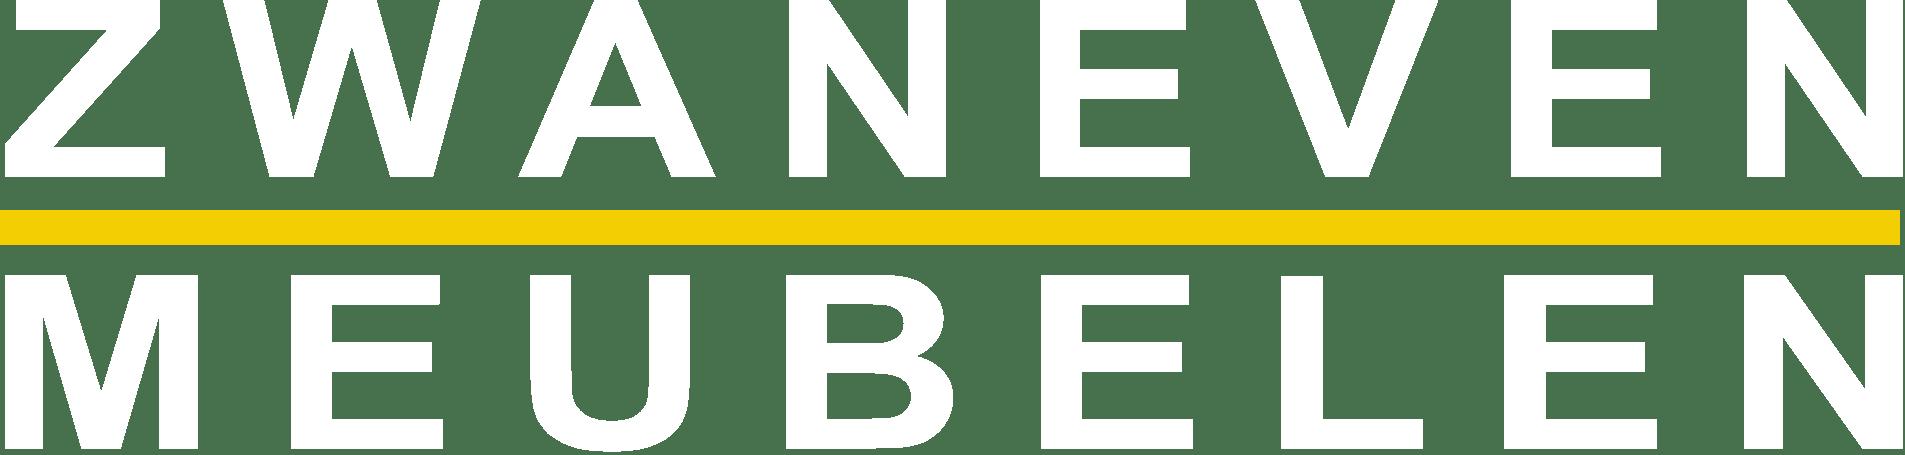 Zwaneven Meubelen